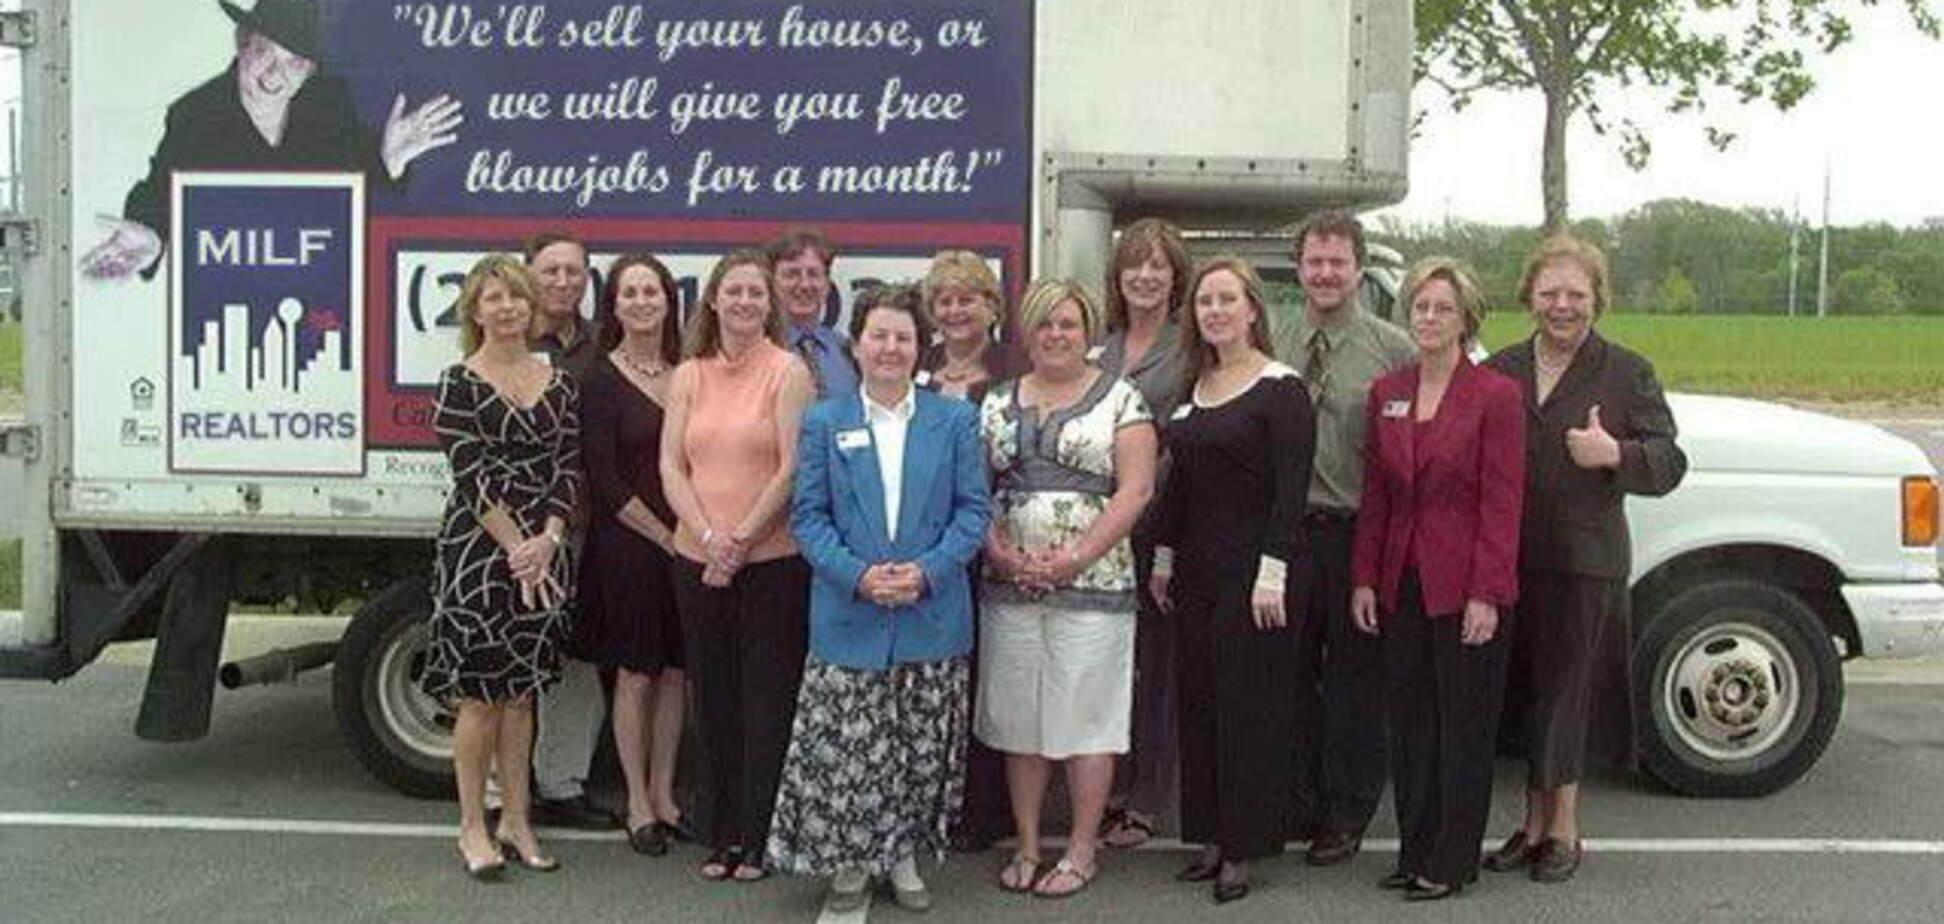 ПРАВИЛЬНІ ріелторші: 'Ми продамо Ваш будинок або будемо смоктати'